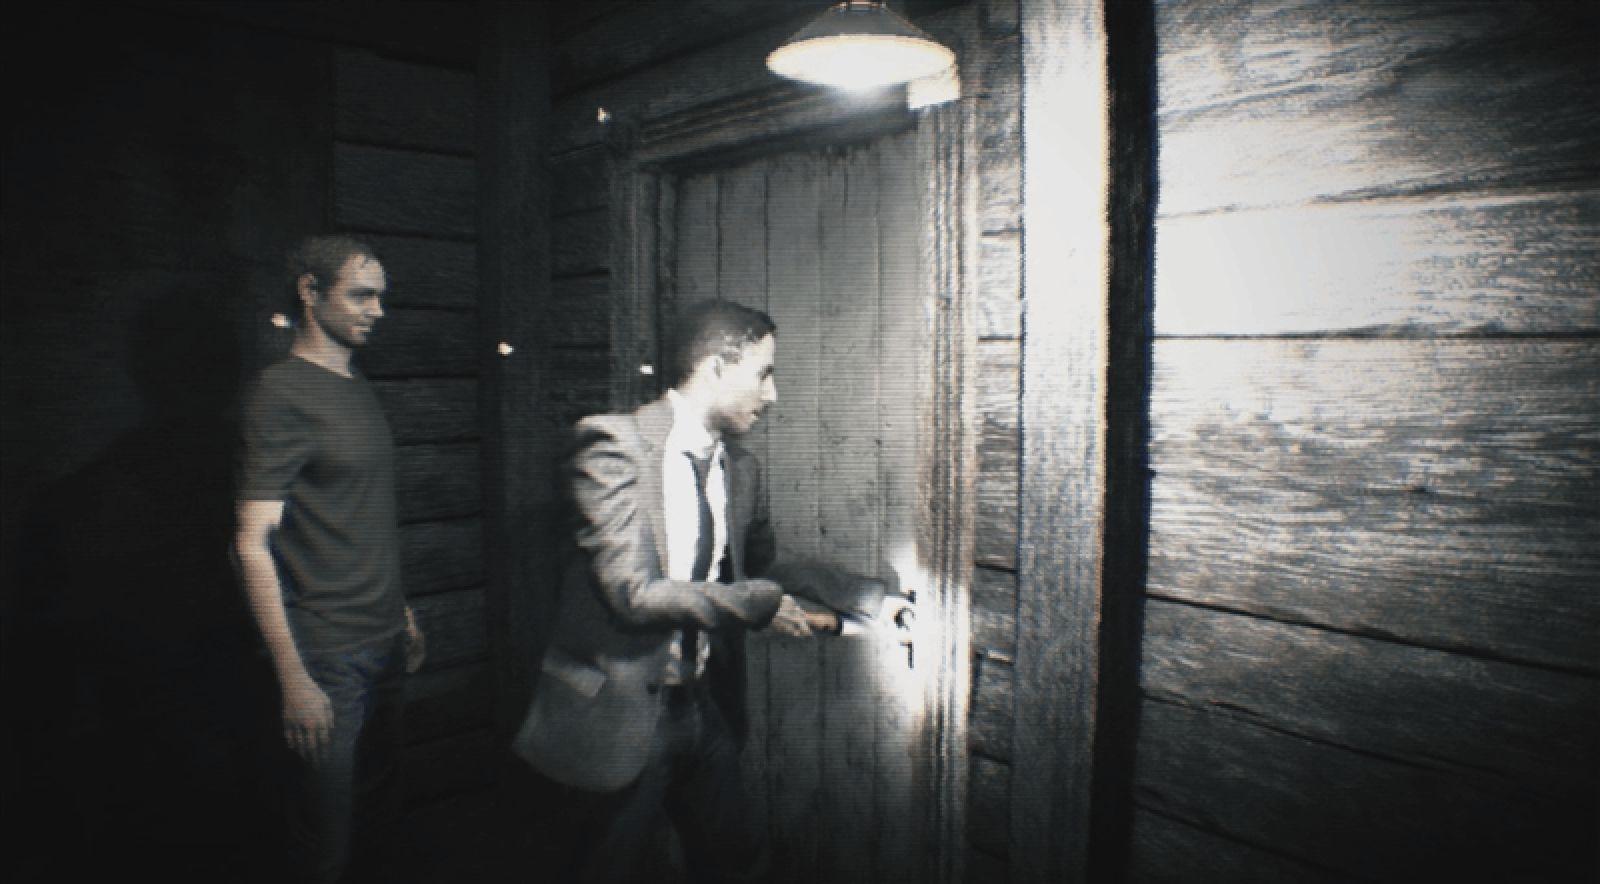 Ausschnitt aus der Resident Evil 7 Demo, André und Pete öffnen eine Tür.